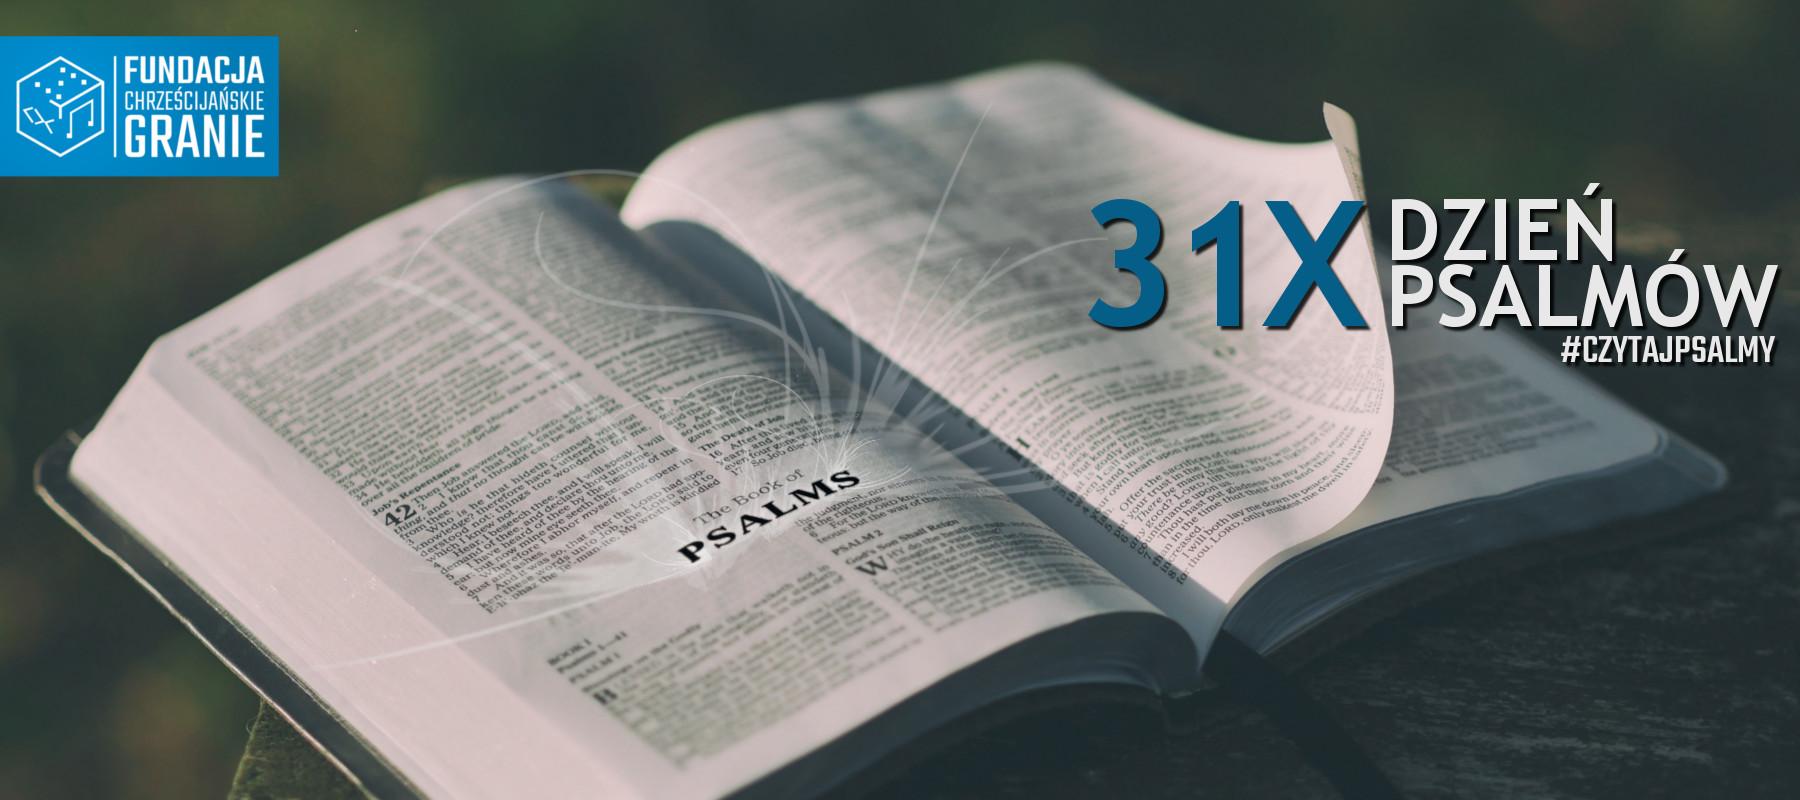 Dzień Psalmów